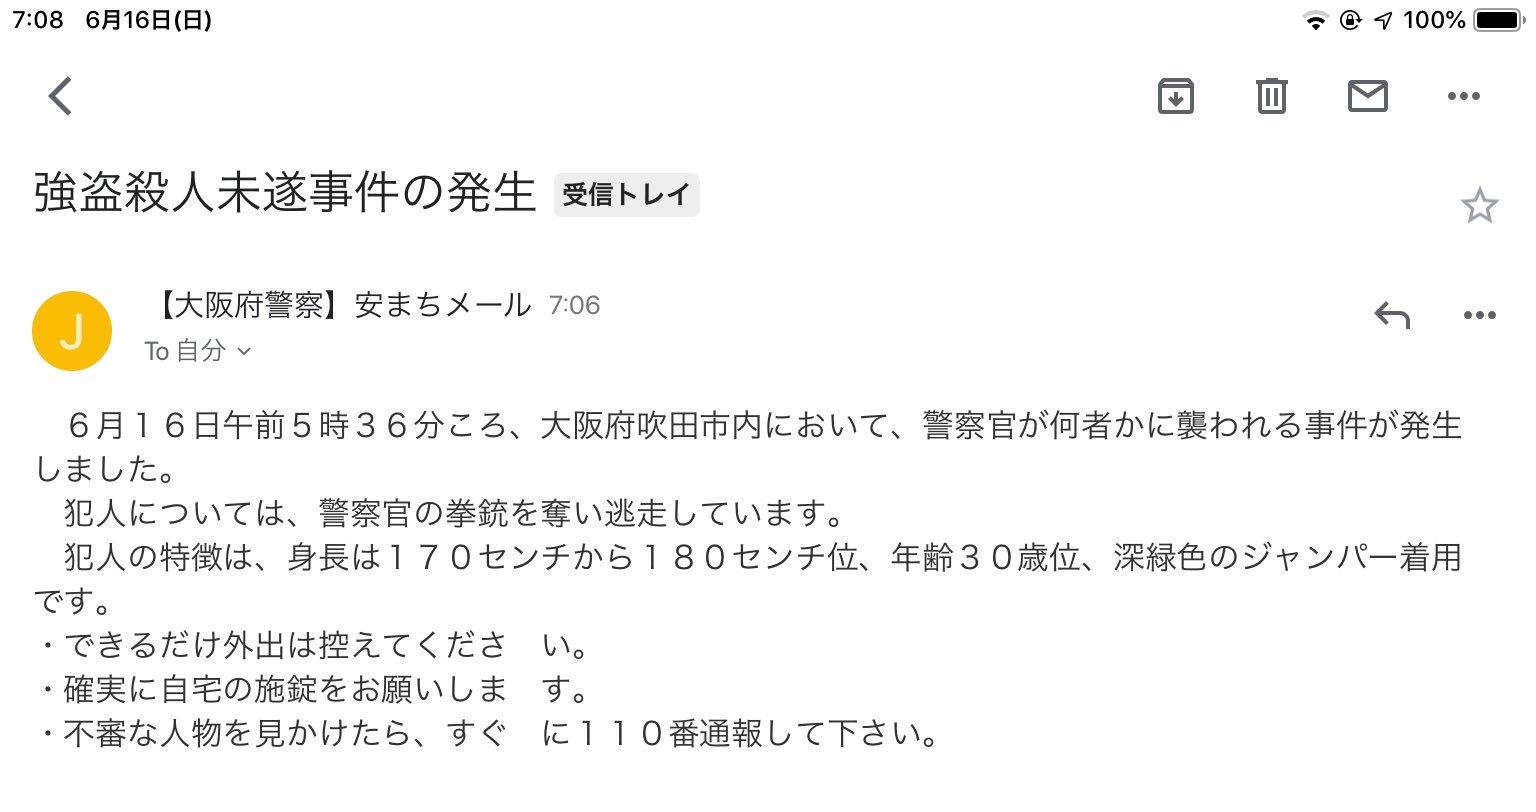 画像,大阪府警 安まちメール から大阪吹田市市内 強盗殺人未遂事件の発生 警察の拳銃奪い逃走中!付近の人は気をつけてください。 https://t.co/7PQDZo…